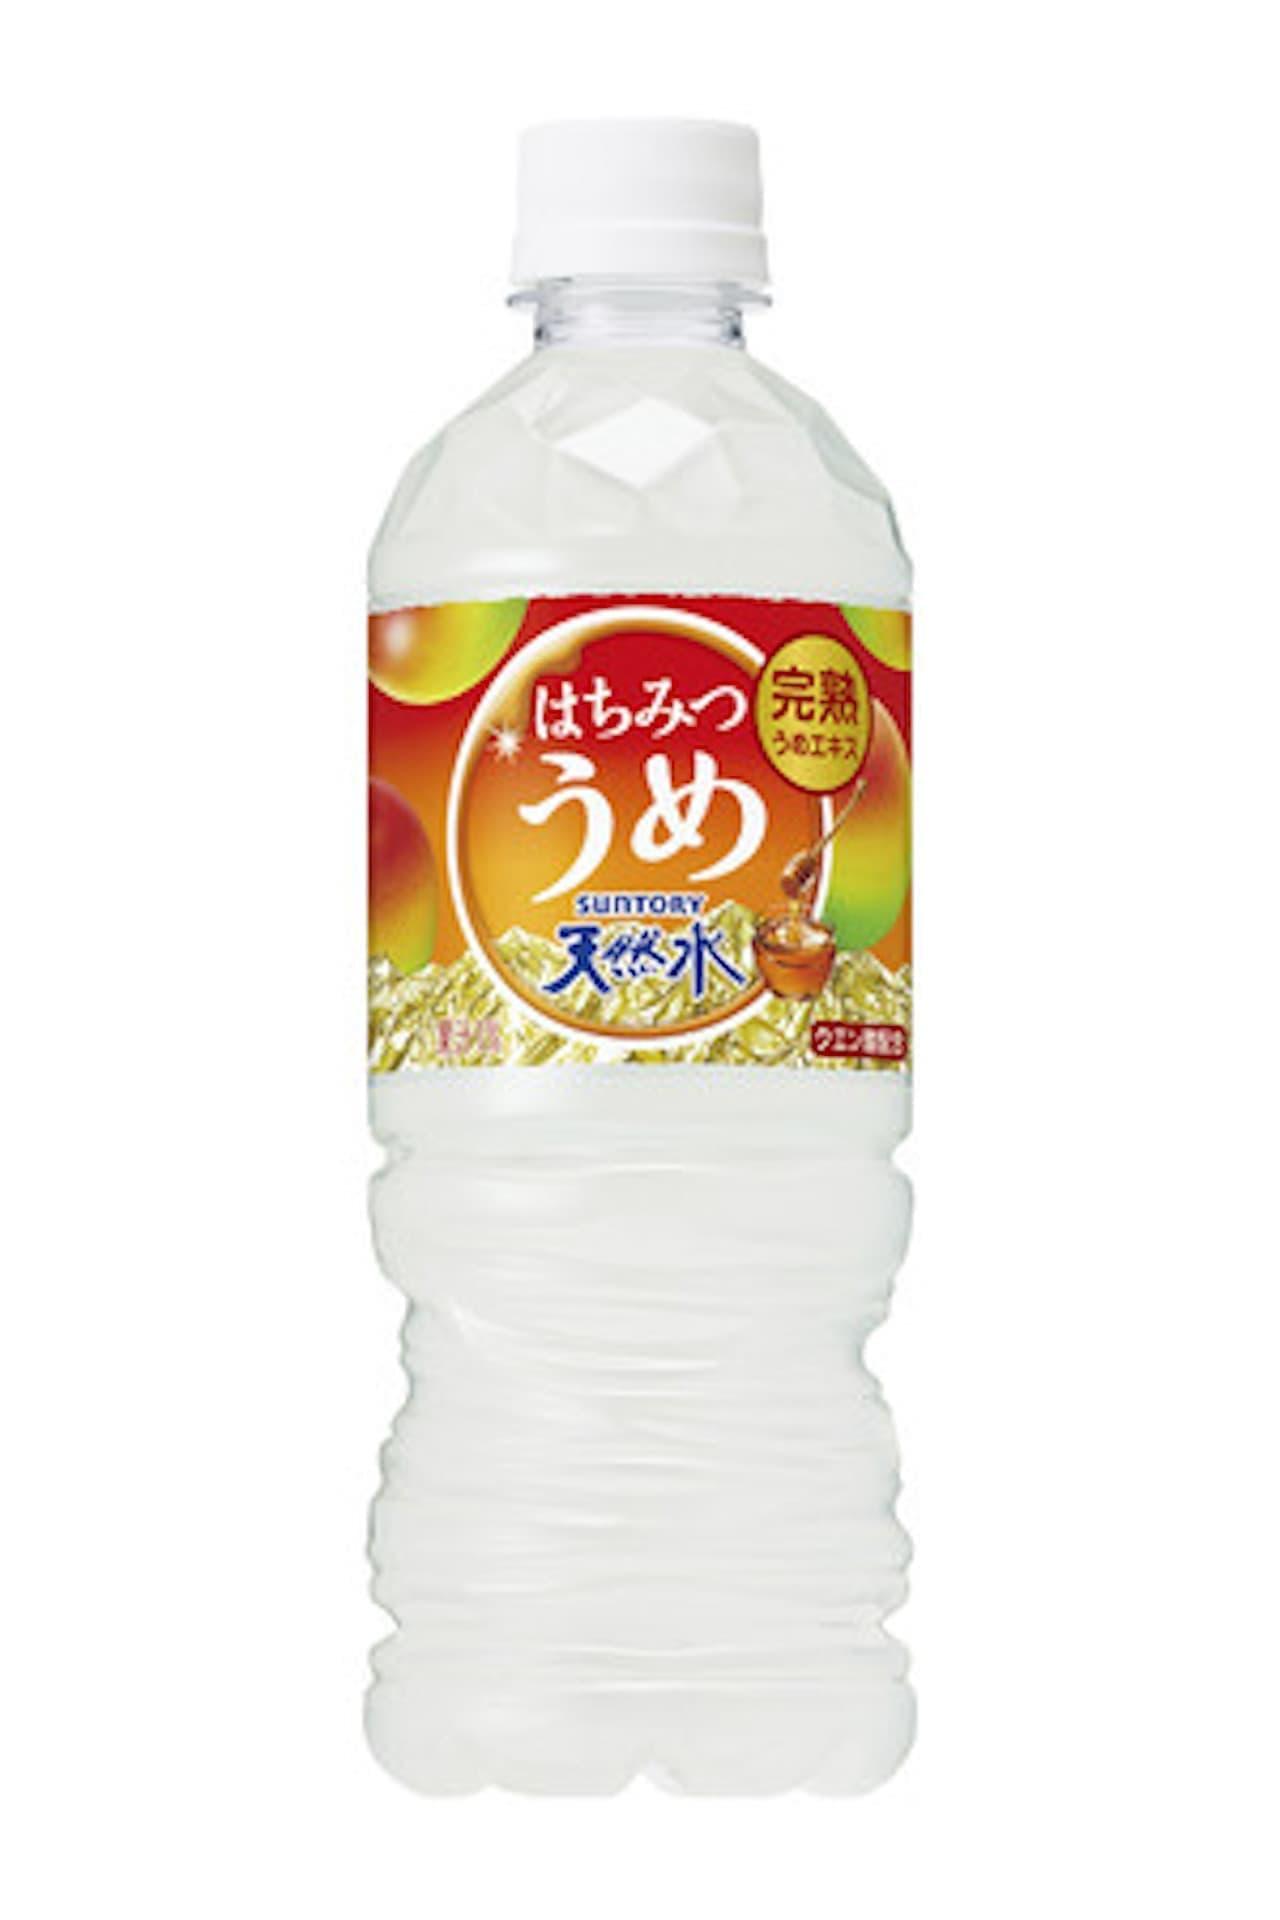 サントリー食品インターナショナル「サントリー天然水 はちみつうめ」